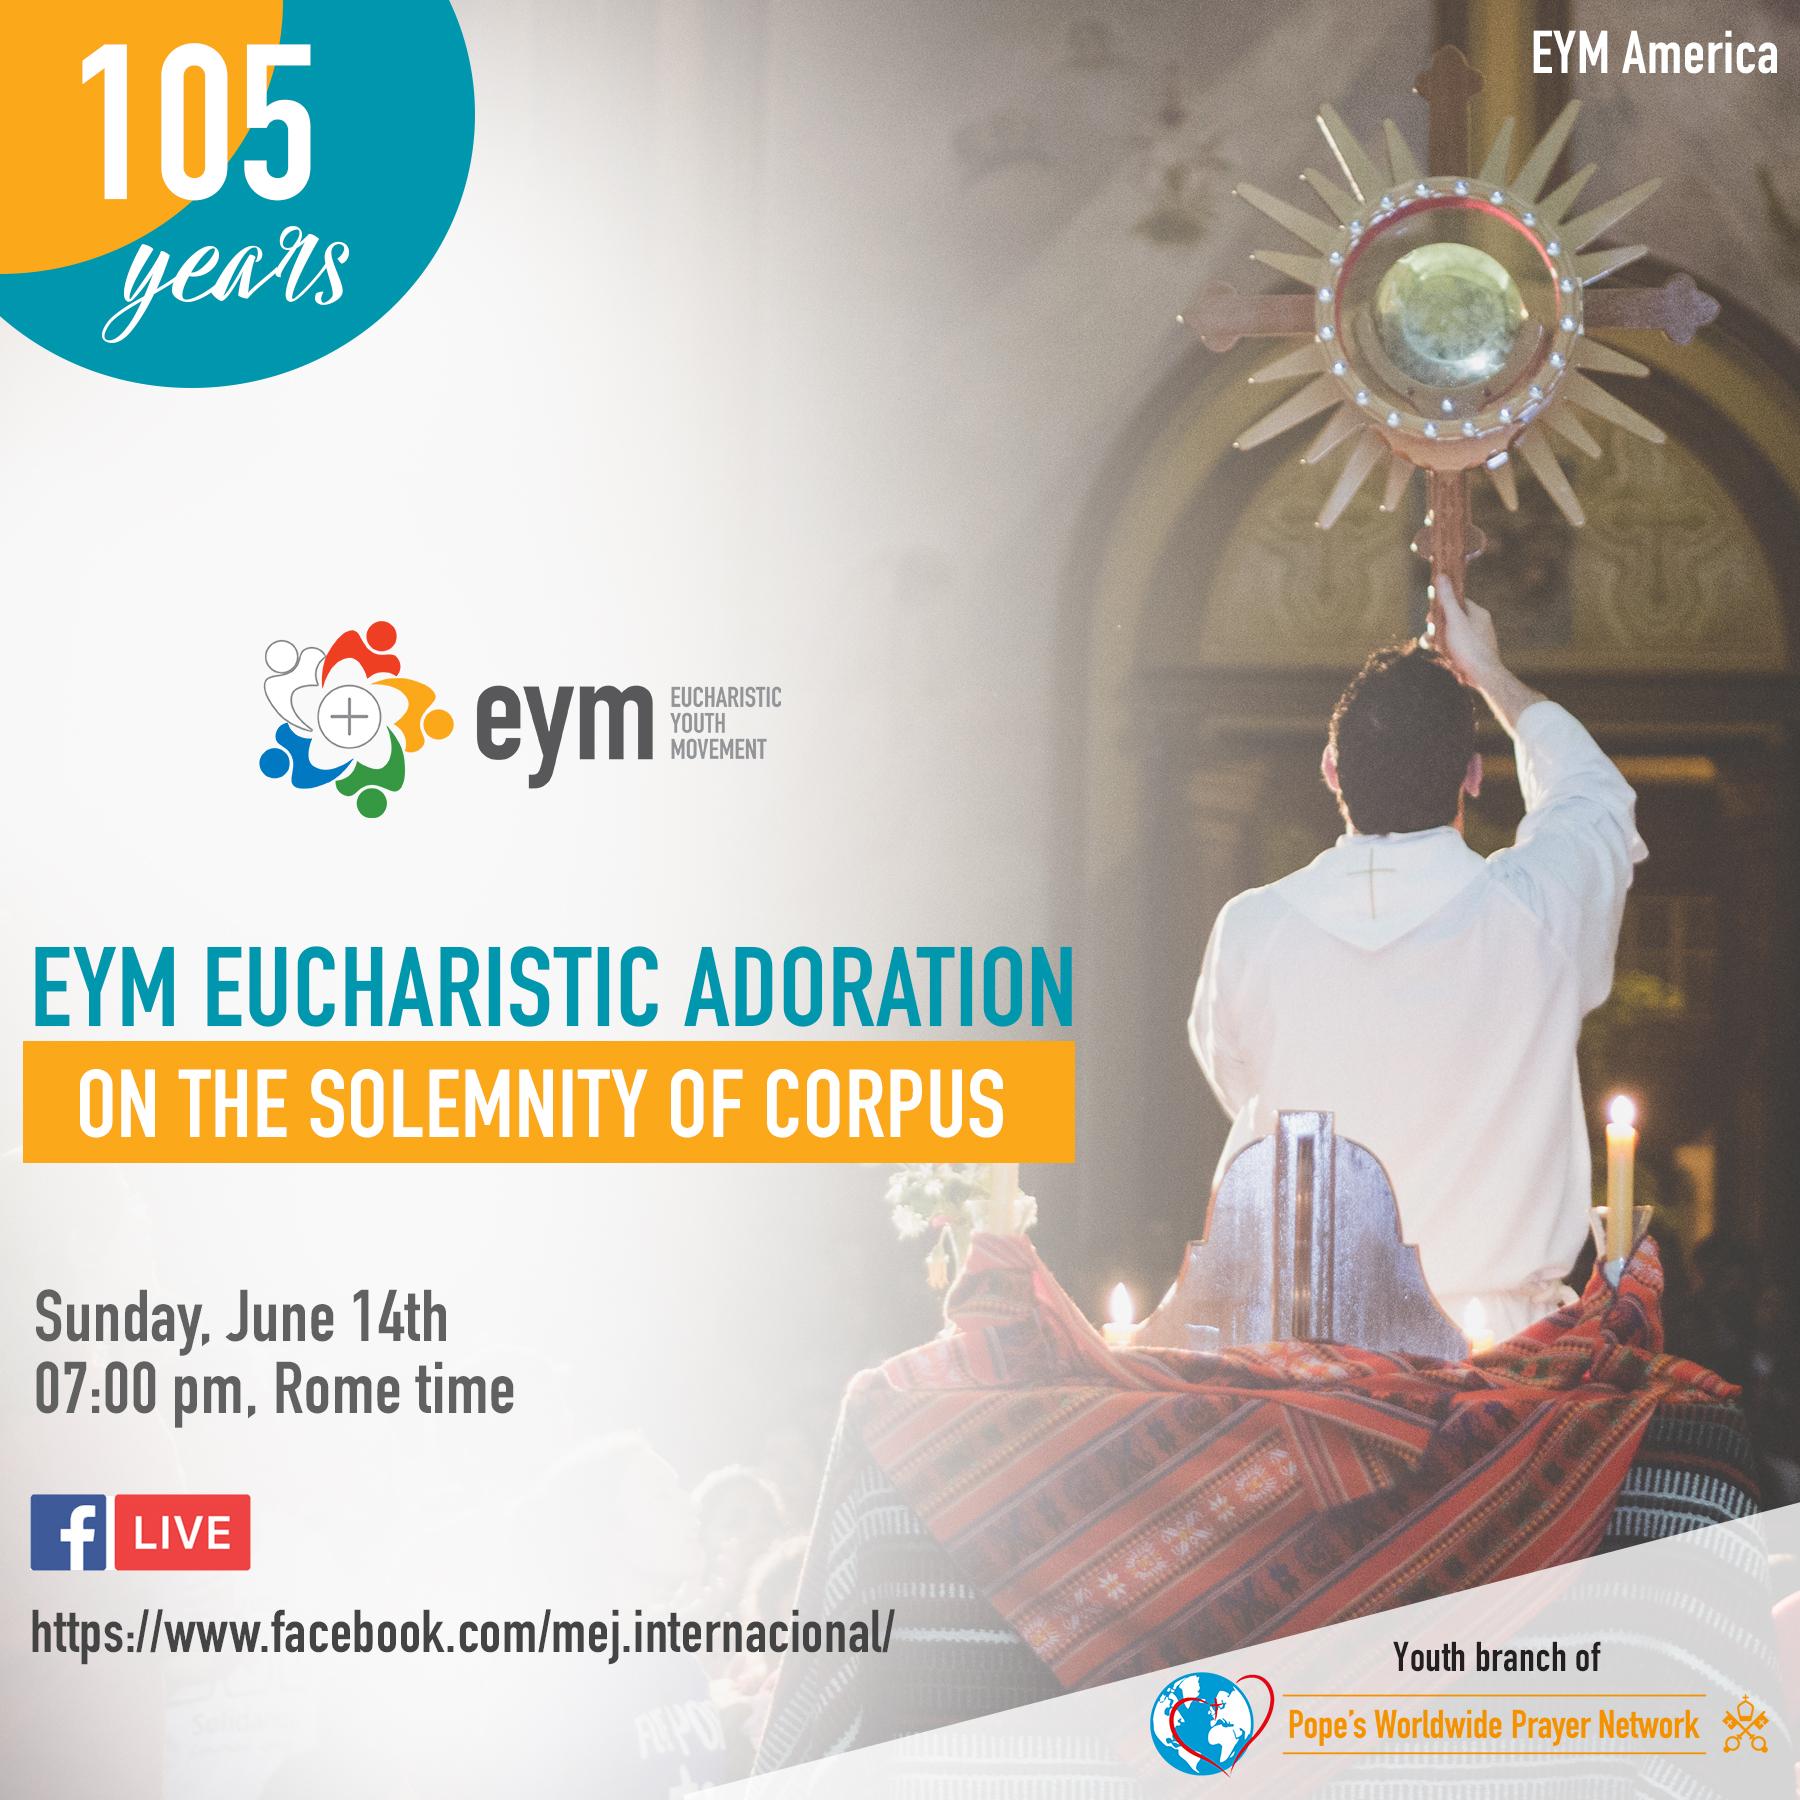 eym eucharistic adoration eym